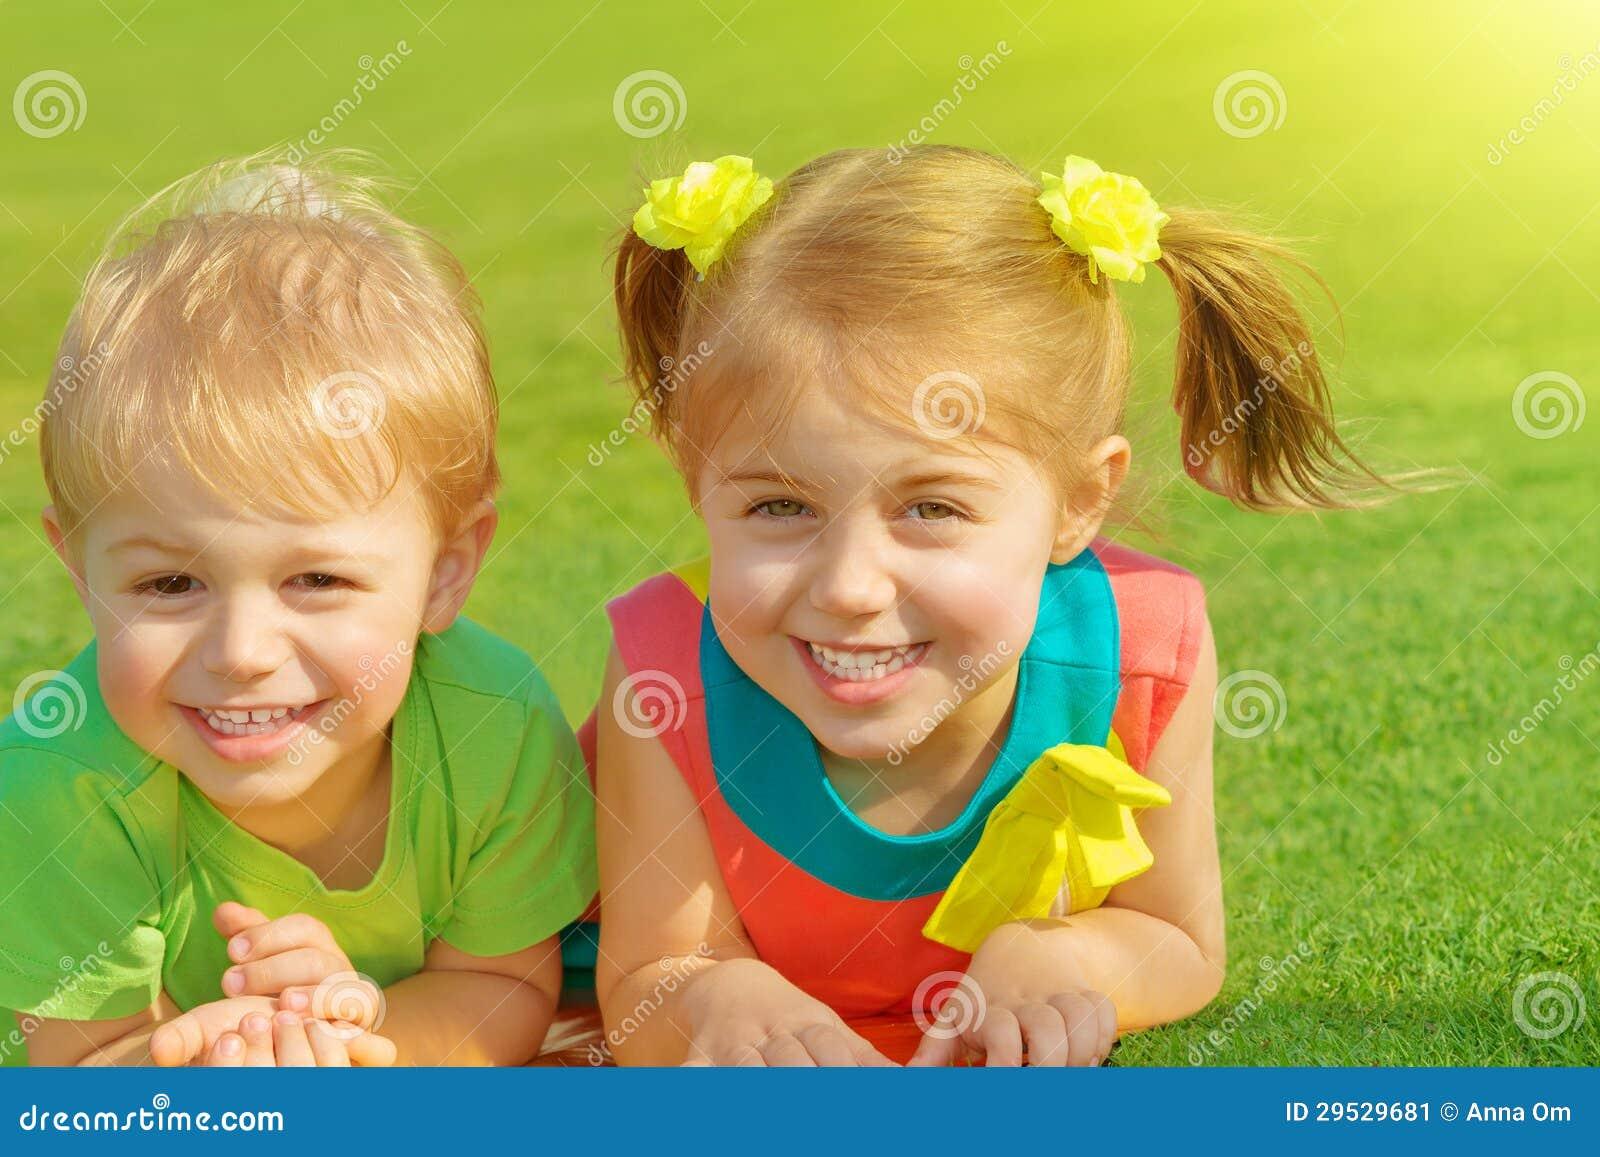 С сестрой мальчика 21 фотография